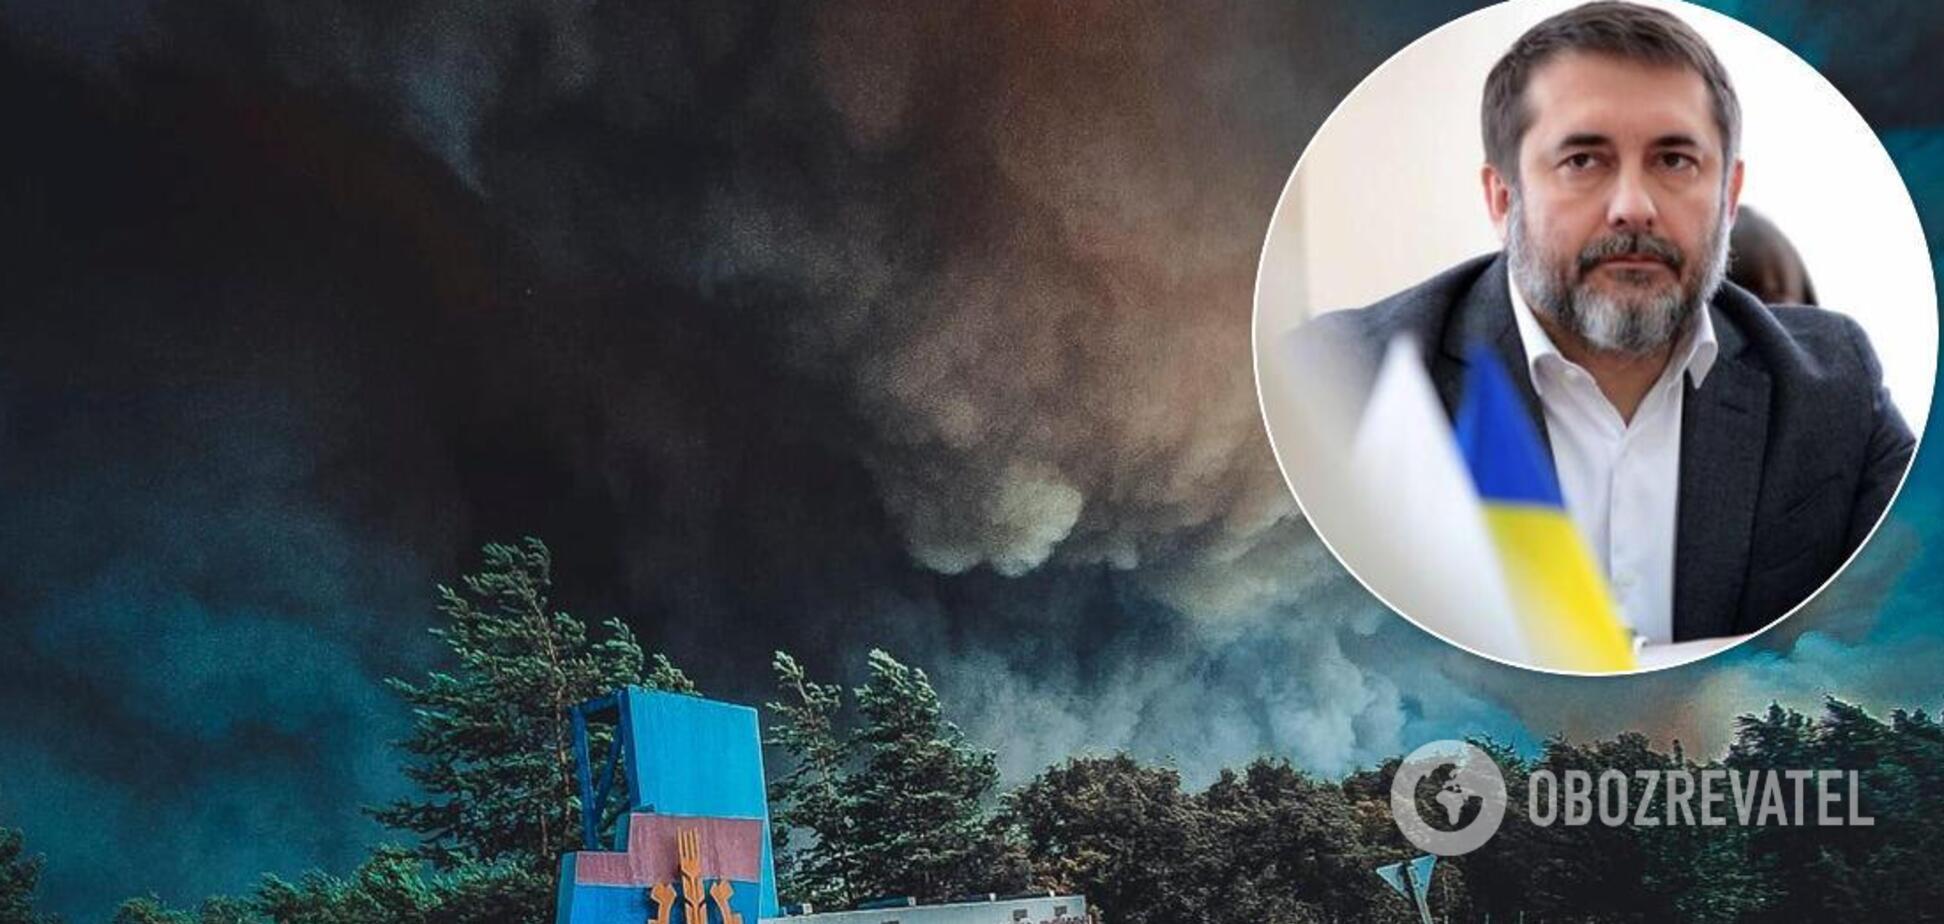 Сергій Гайдай не виключив, що ліси могли підпалити, але точний аналіз іще не зробили